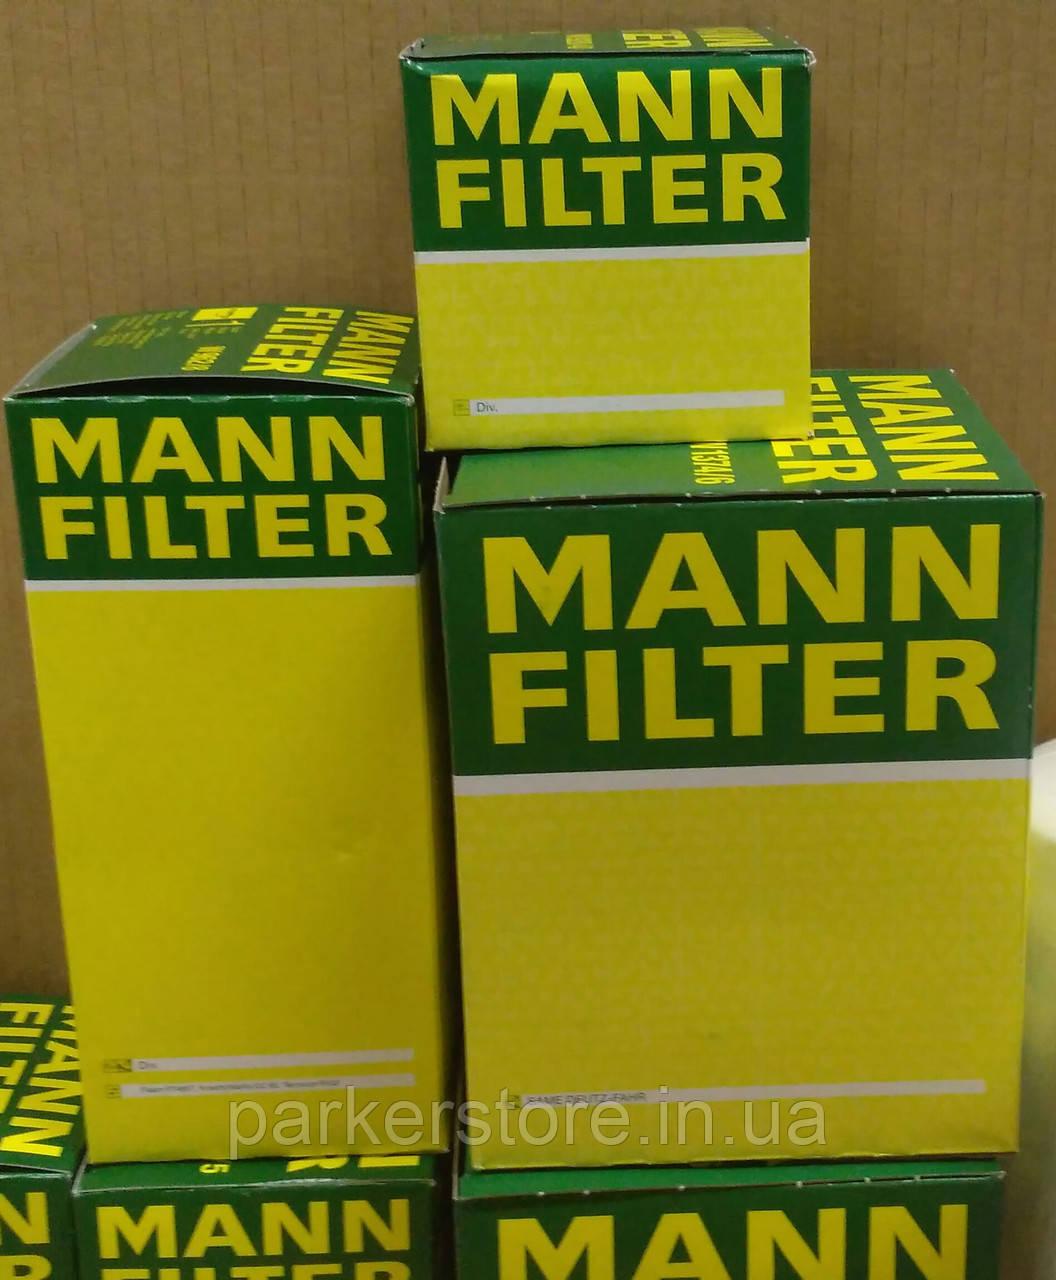 MANN FILTER / Повітряний фільтр / C 14 159 / C14159